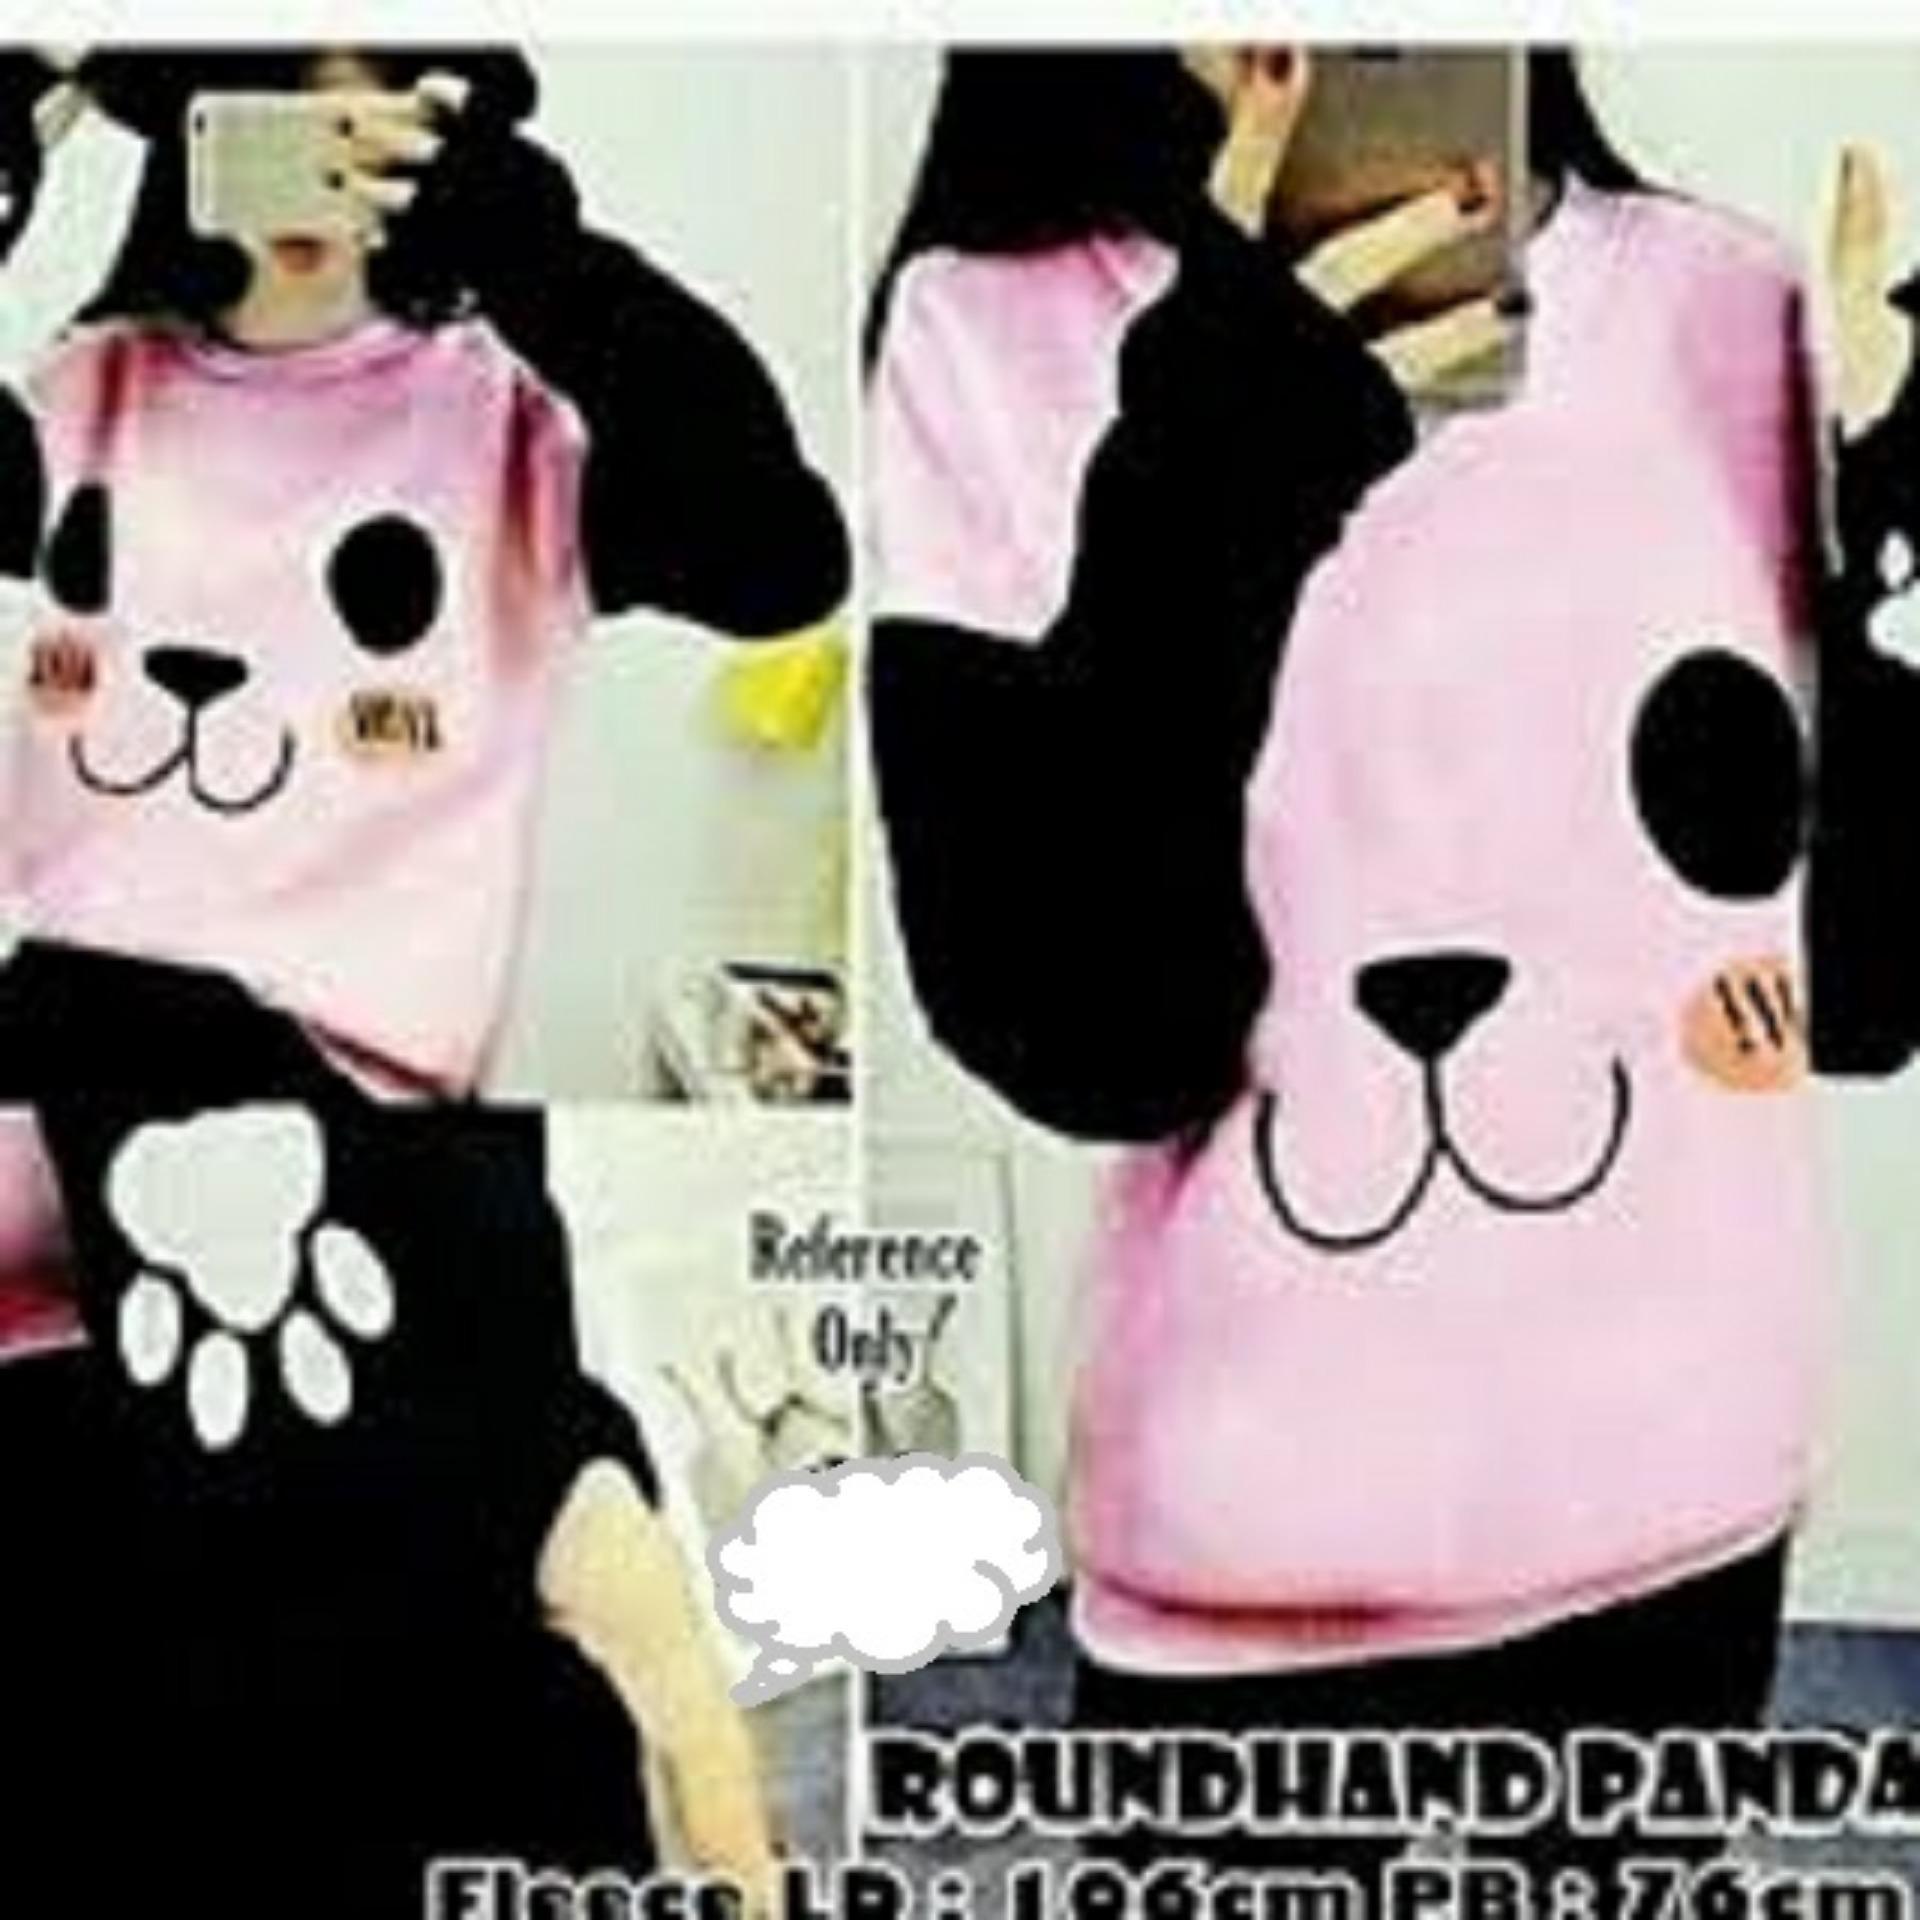 Beli Sweater Wanita Roundhand Panda Good Quality Pink Murah Jawa Barat